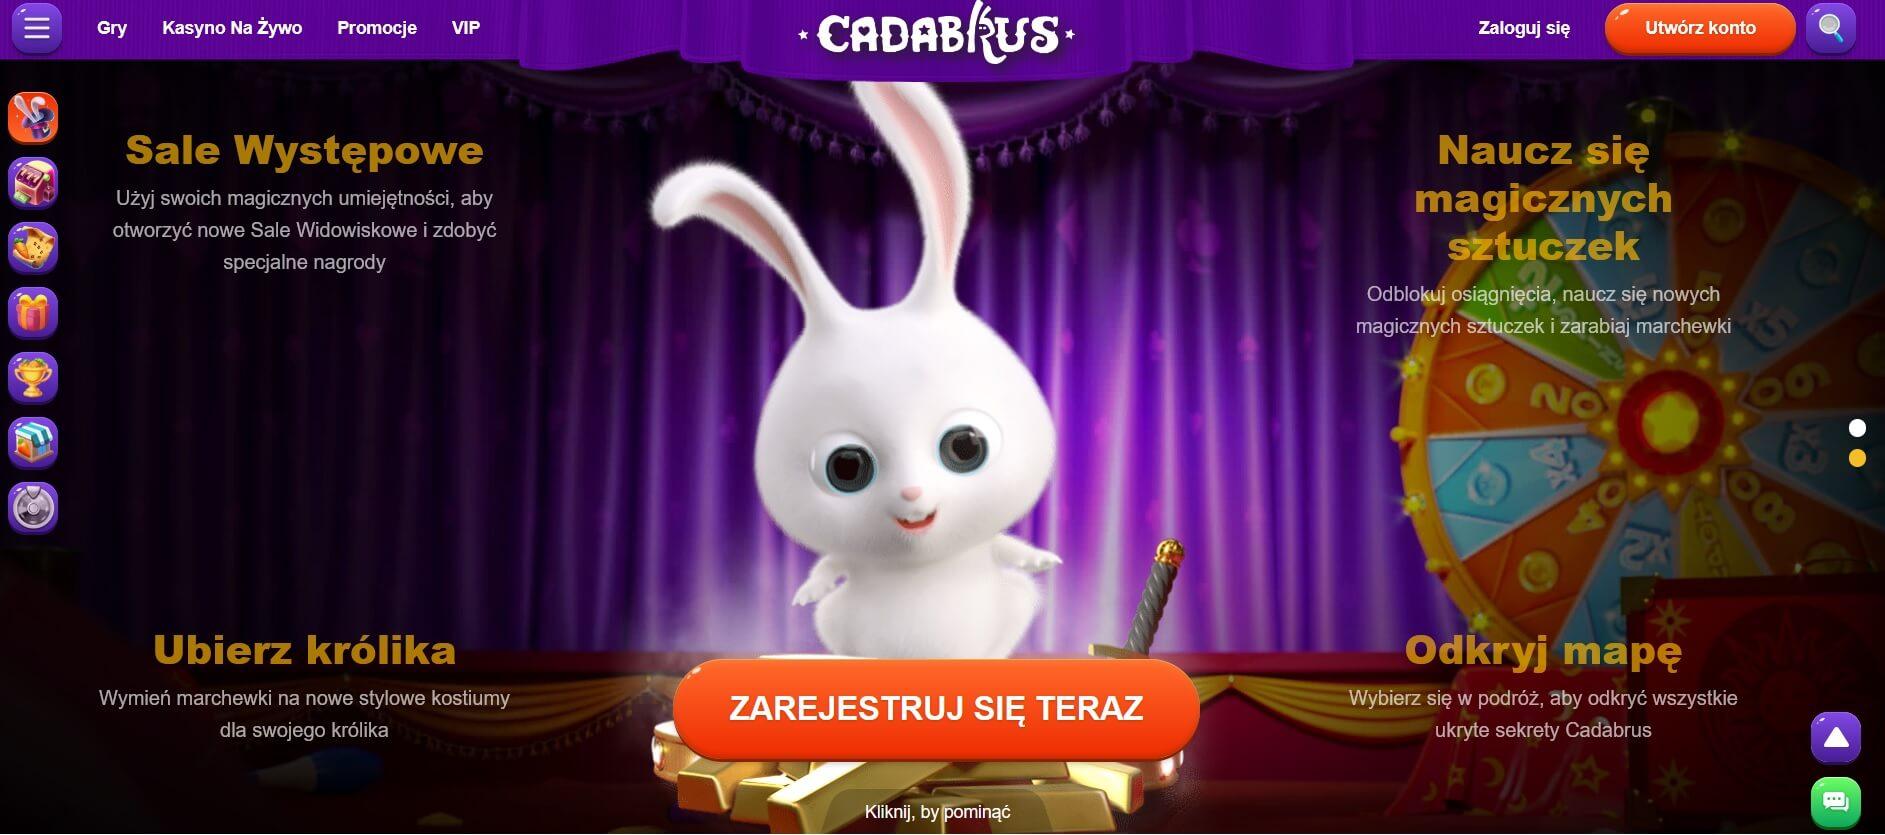 Cadubrus Rejestracja